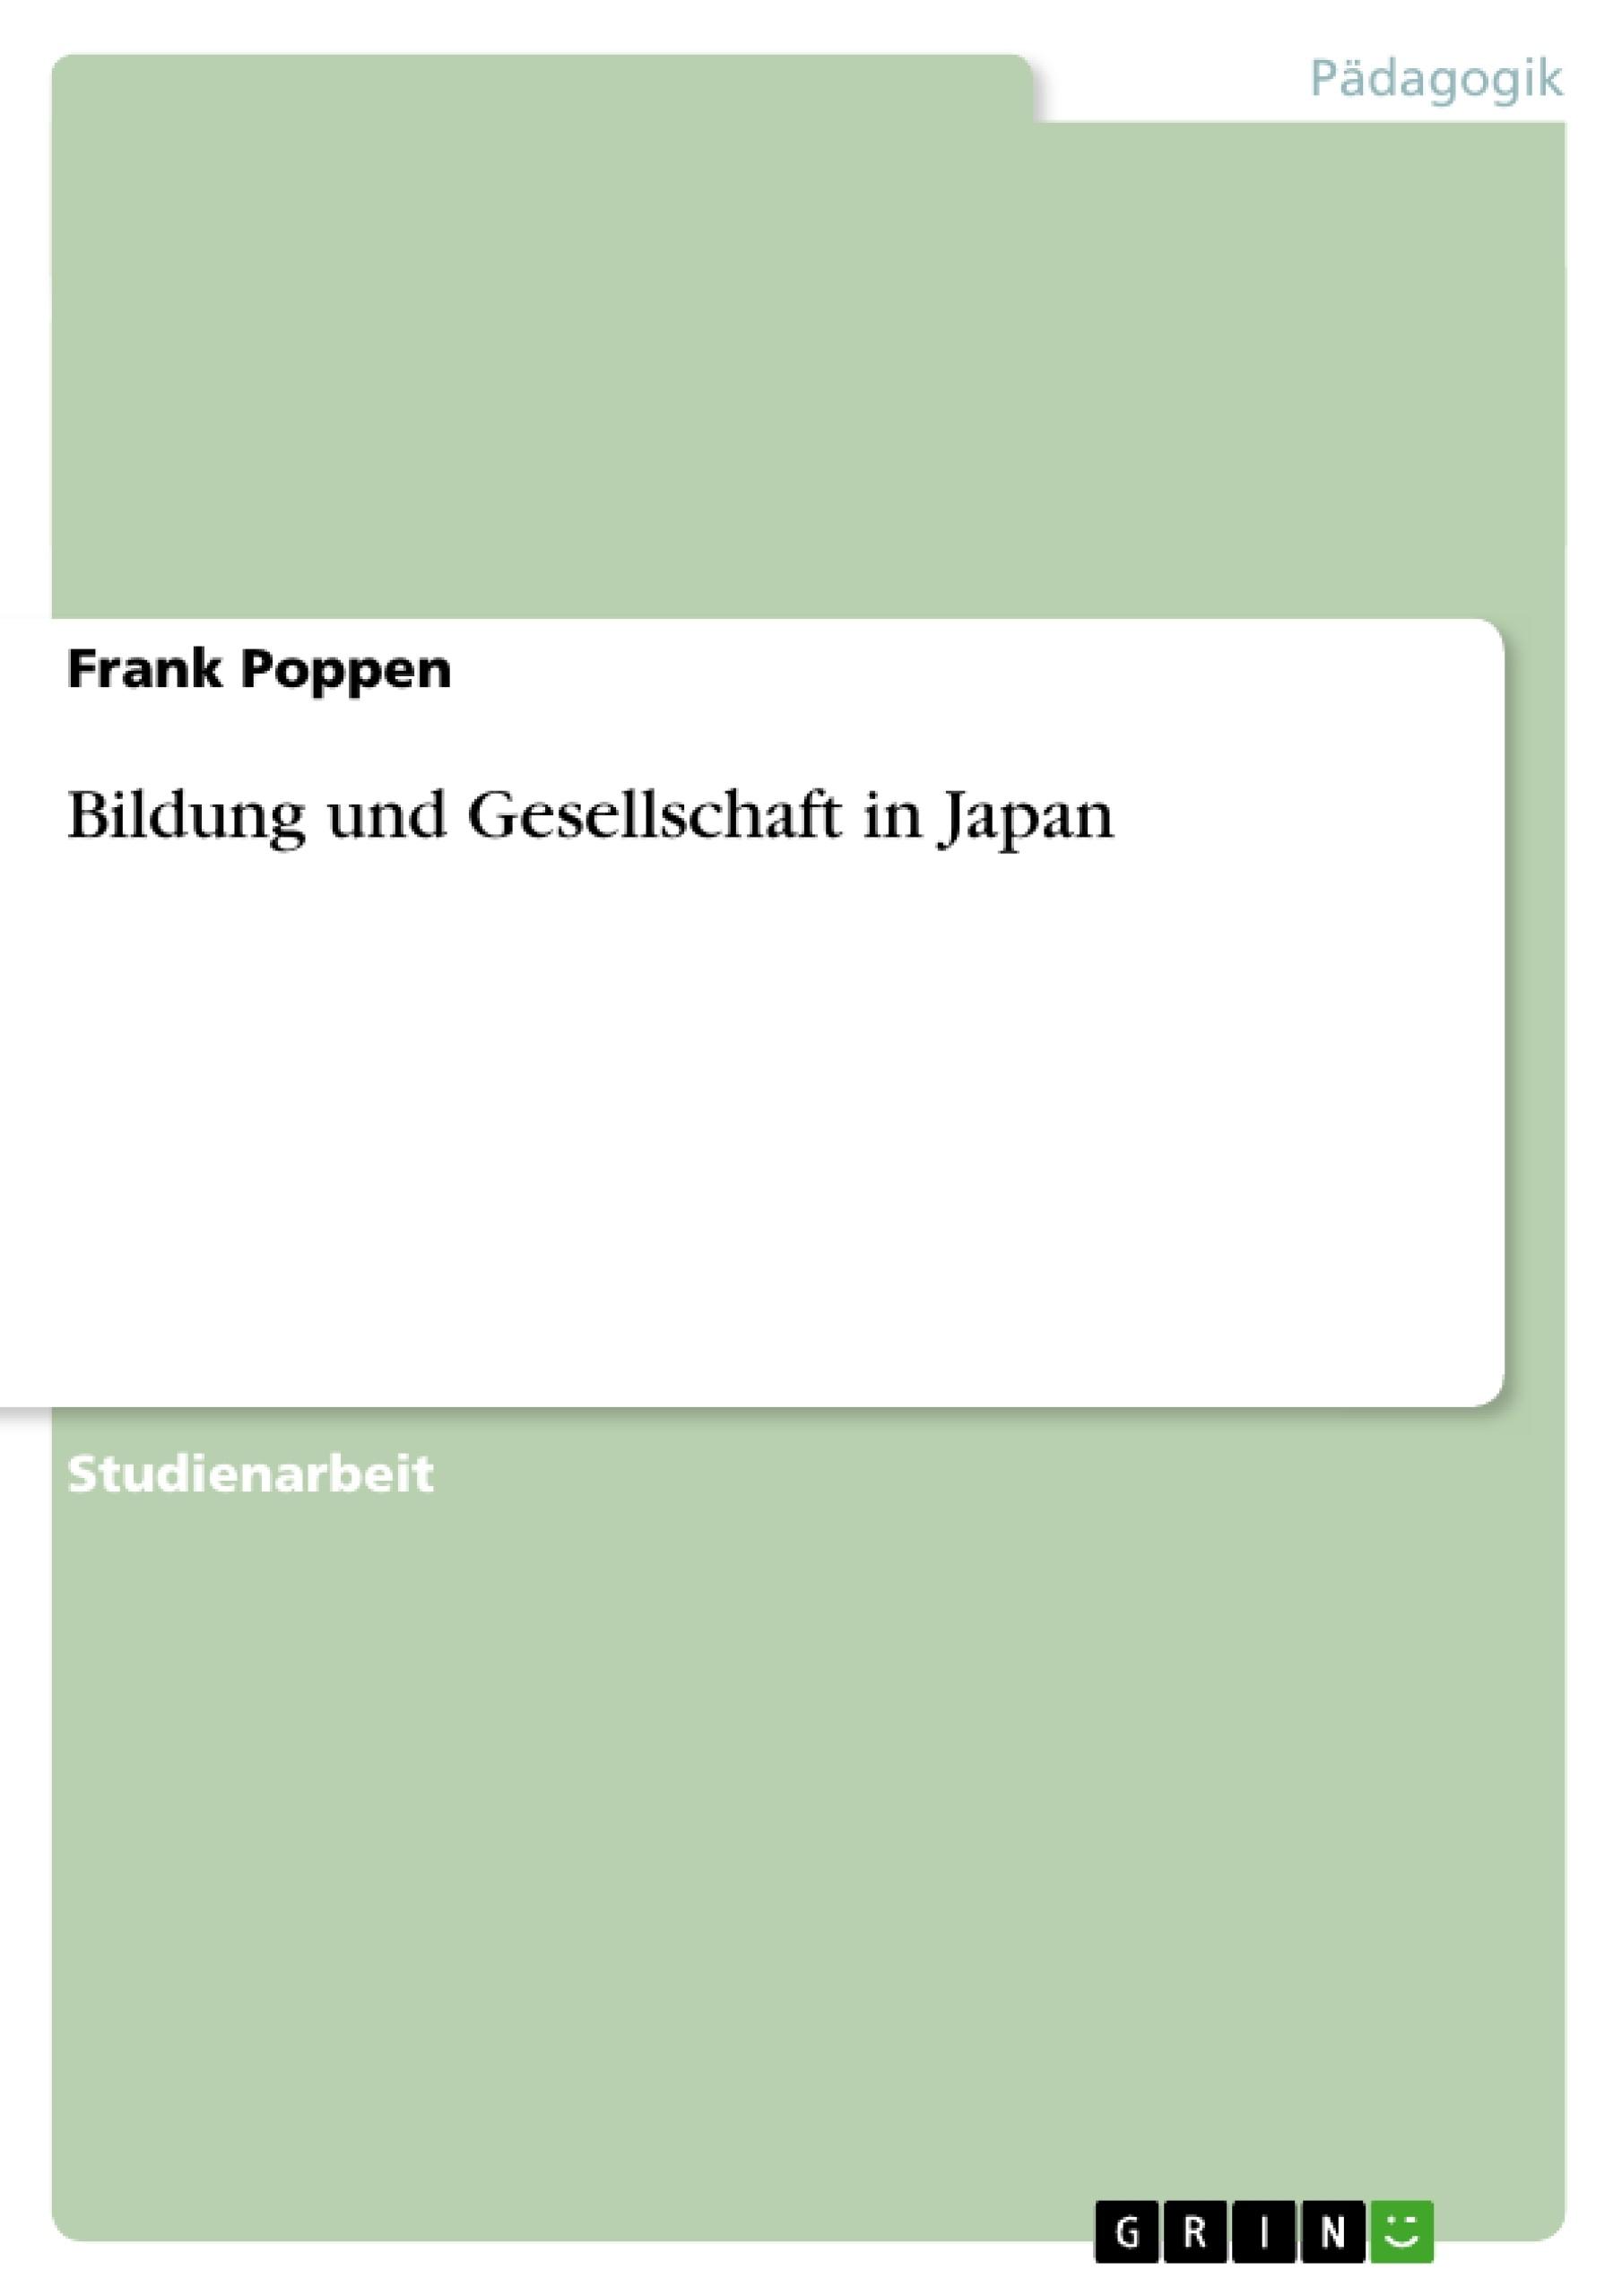 Titel: Bildung und Gesellschaft in Japan